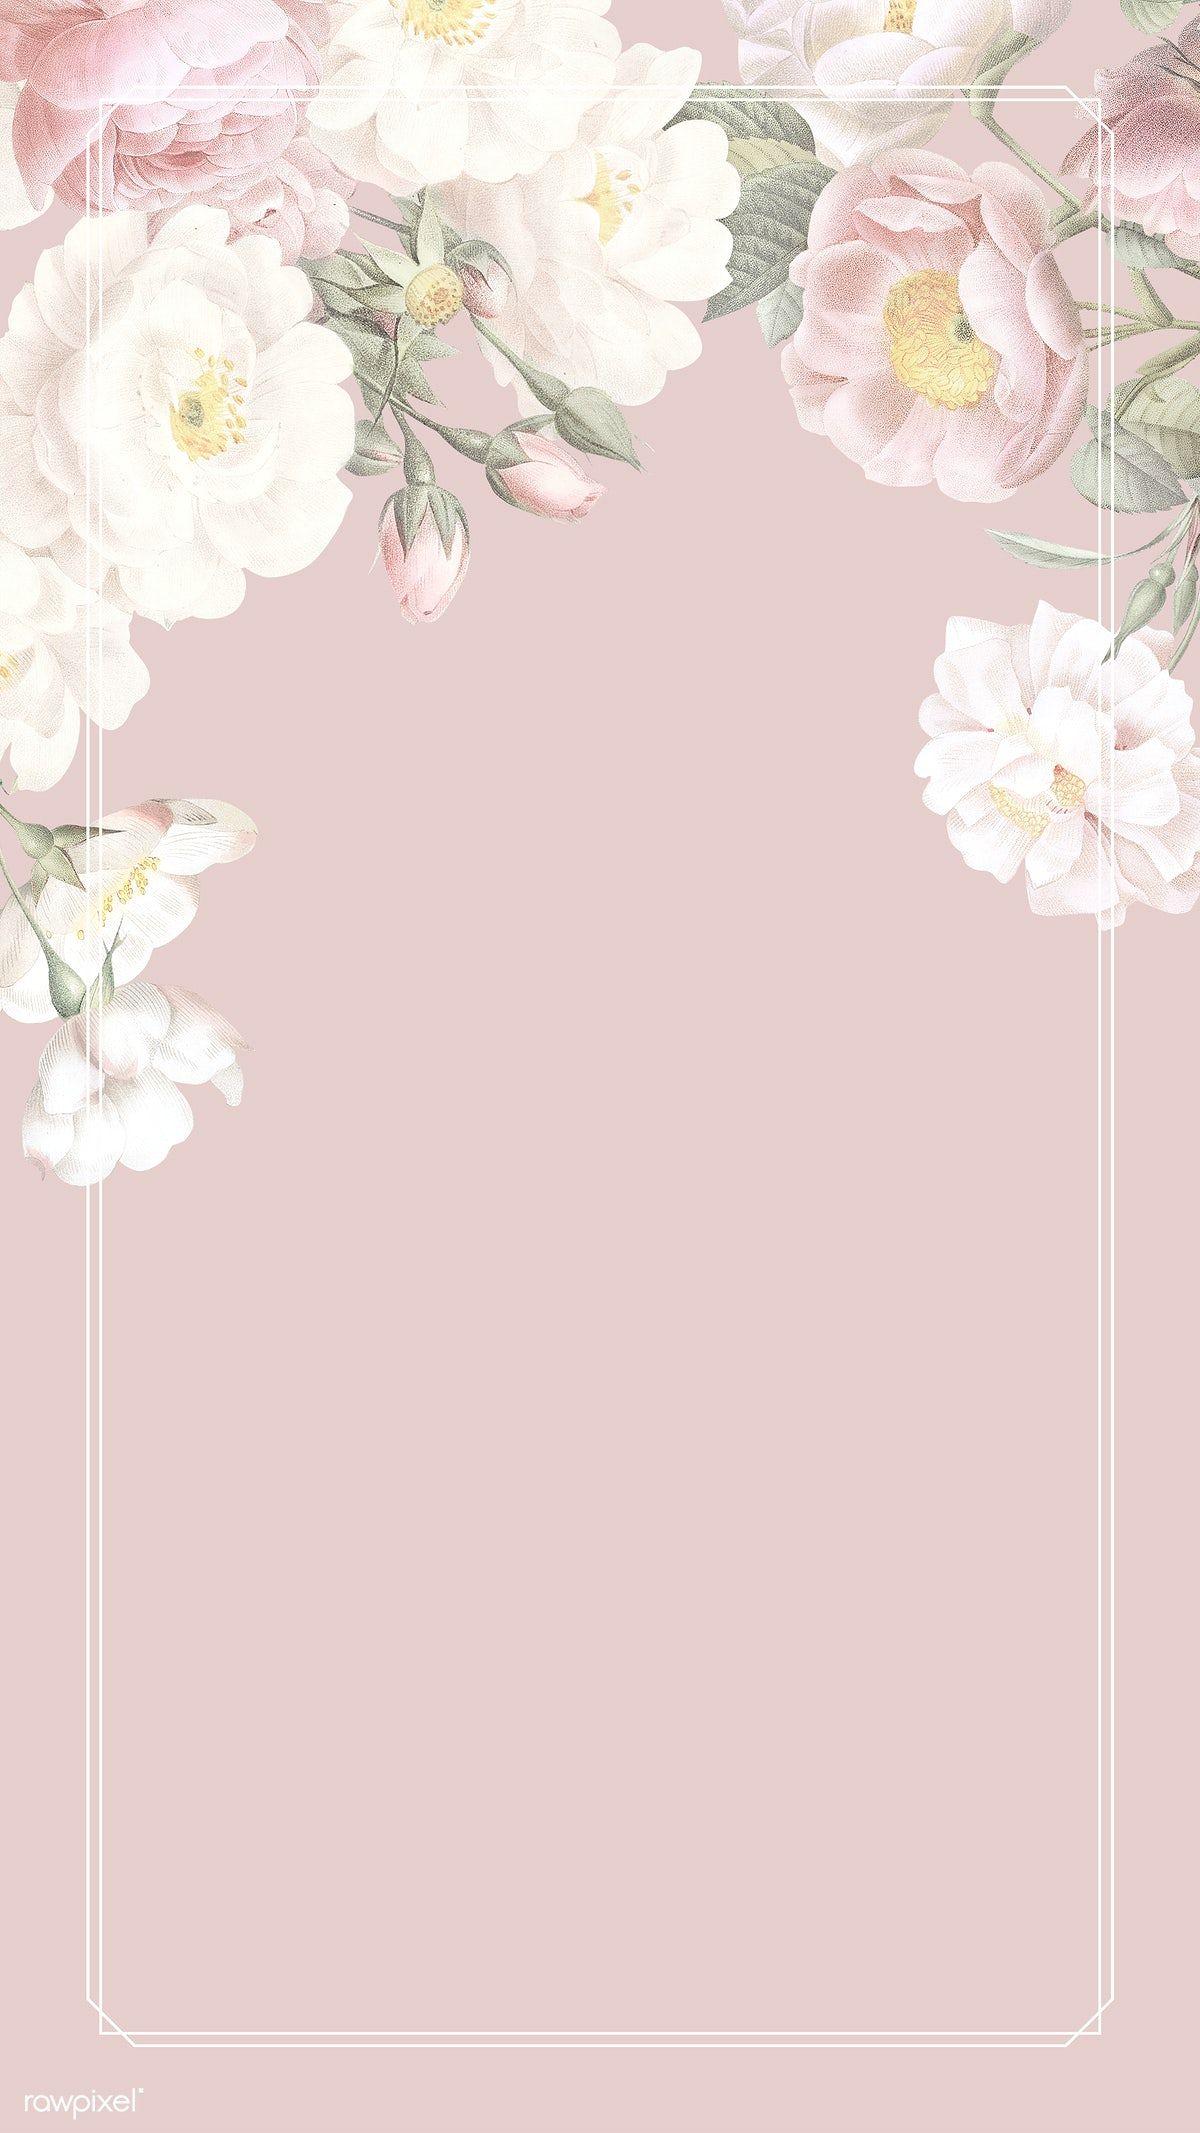 Download premium psd / image of Elegant floral frame design illustration by Tang about Wedding frame, flower frame, invitation, mockup, and card 842431